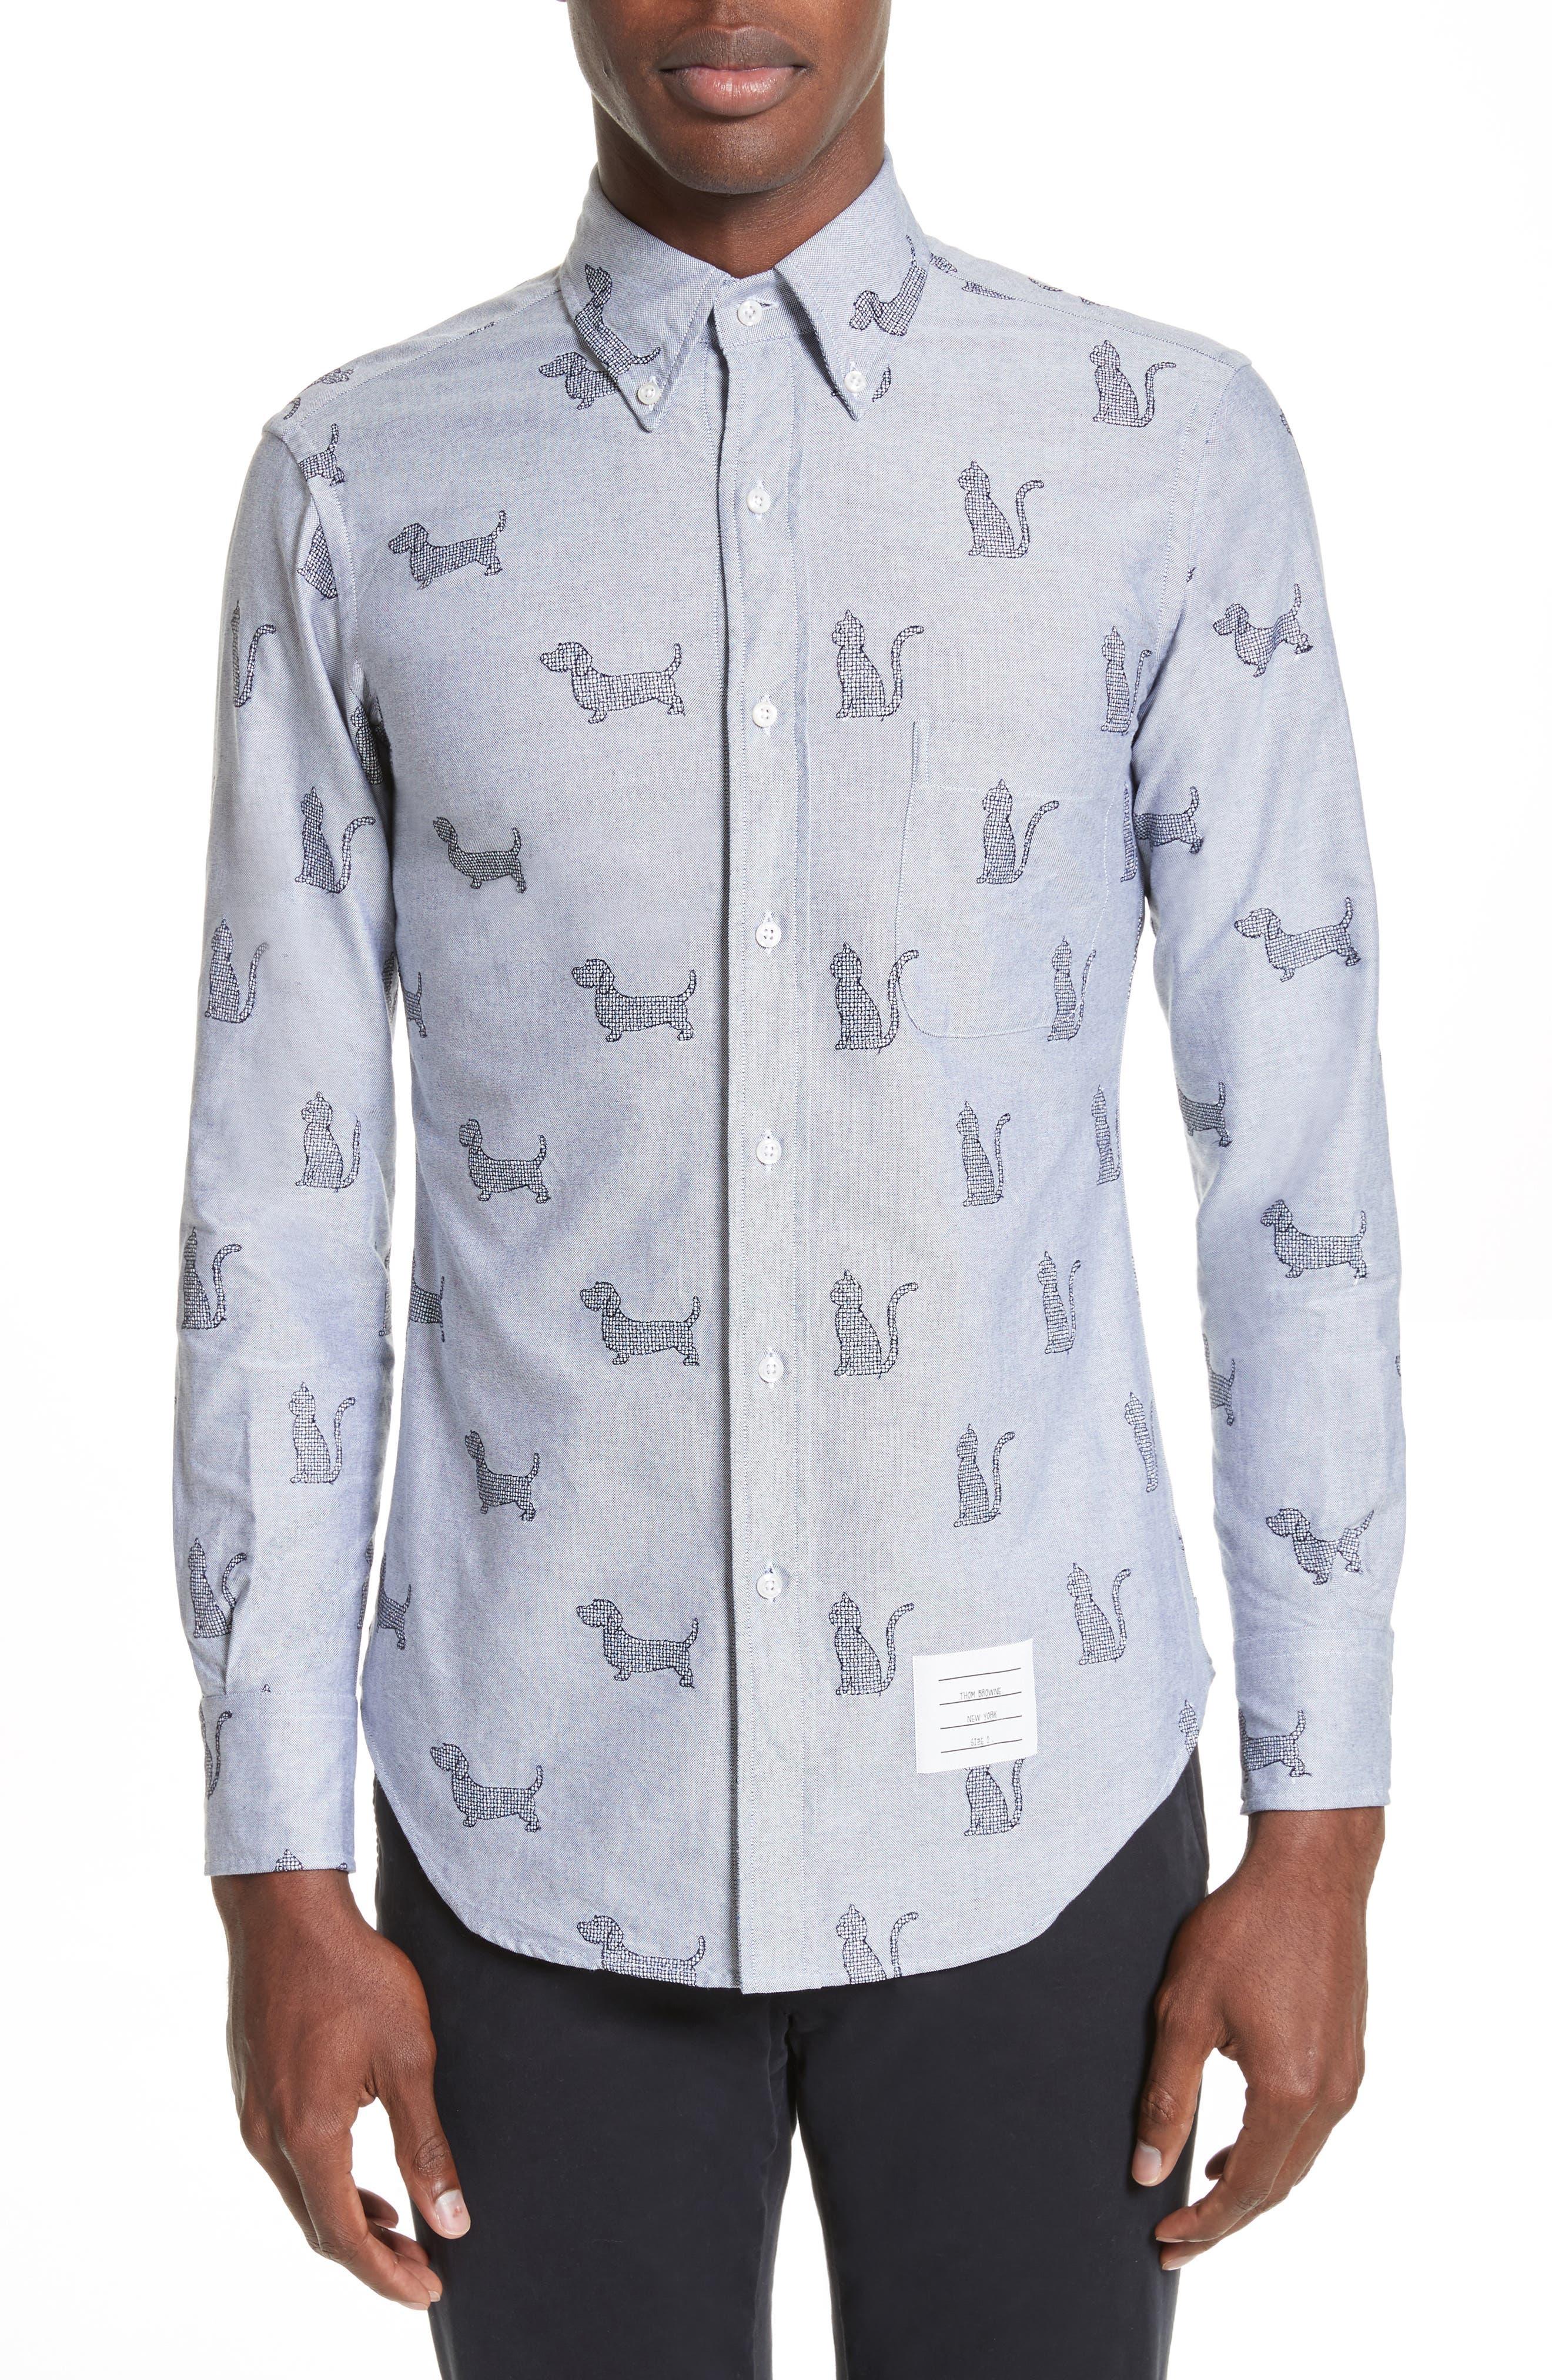 Main Image - Thom Browne Daschund Kitty Print Shirt